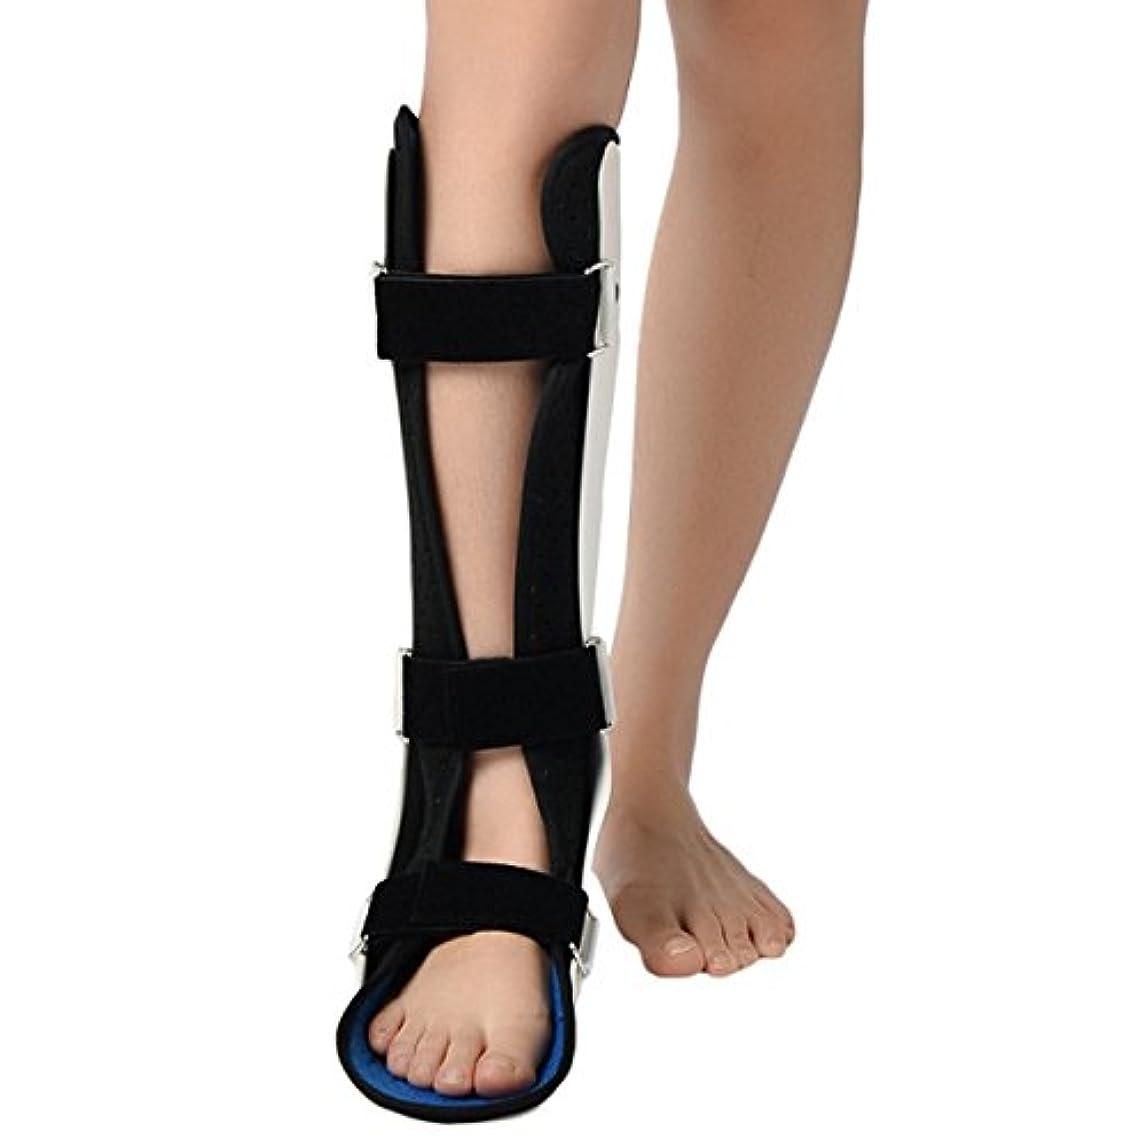 流産観客ブラストアンクル骨折リハビリテーション看護ケア固定足アンクルブーツアンクルブレースサポート足の捻挫足首サポートブレース